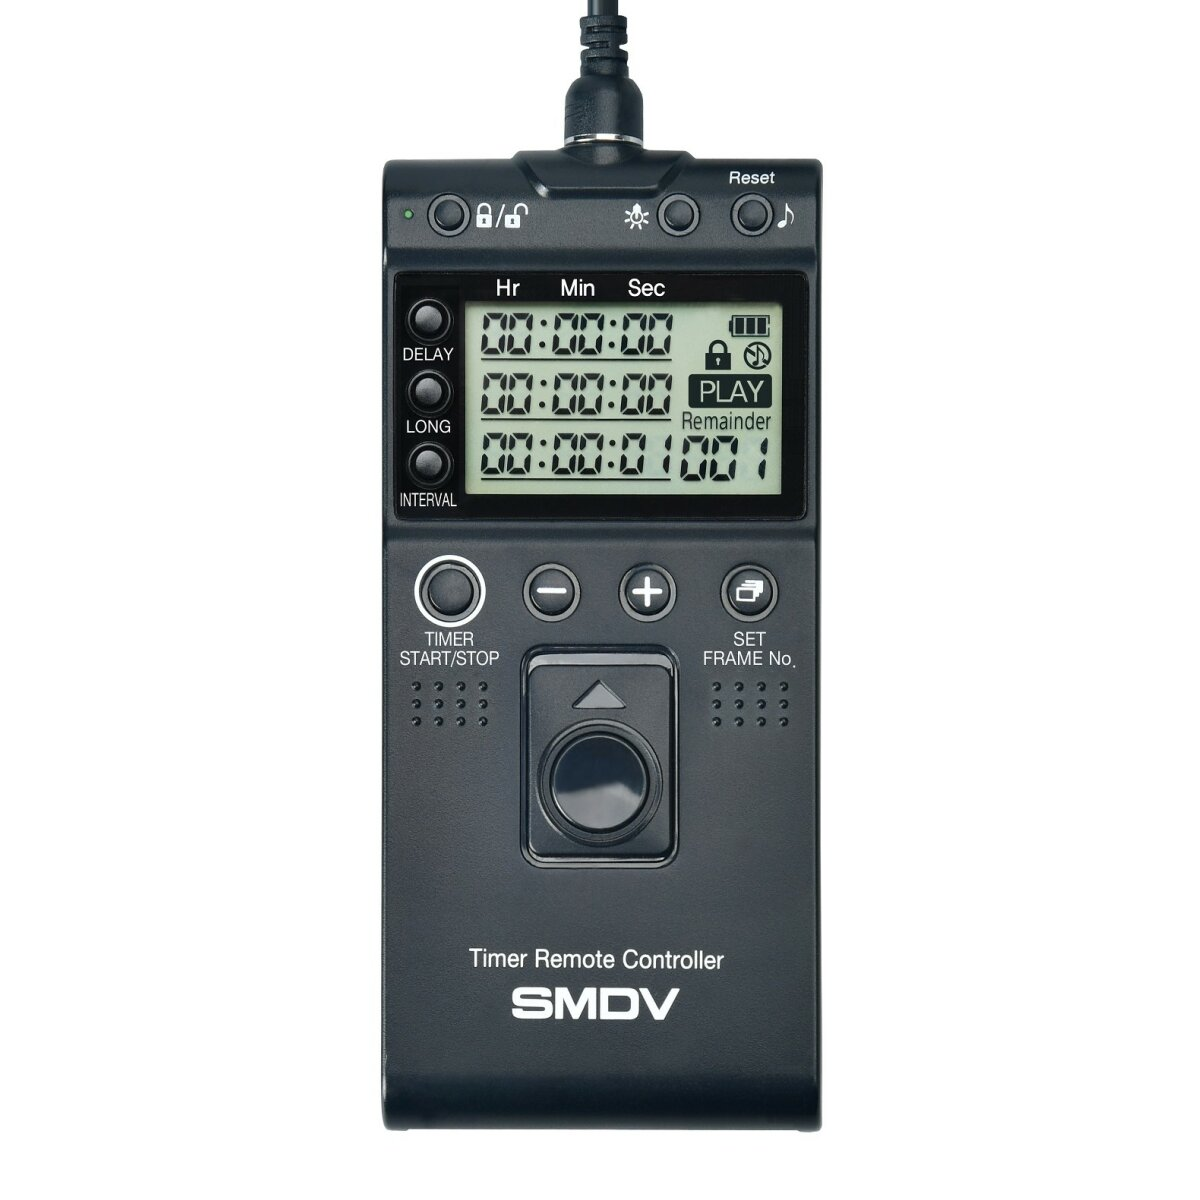 Impulsfoto SMDV Fernauslöser, kompatibel mit Olympus Kameras, Kabelauslöser mit Timer- und Intervallfunktion Langzeitbelichtung - T802